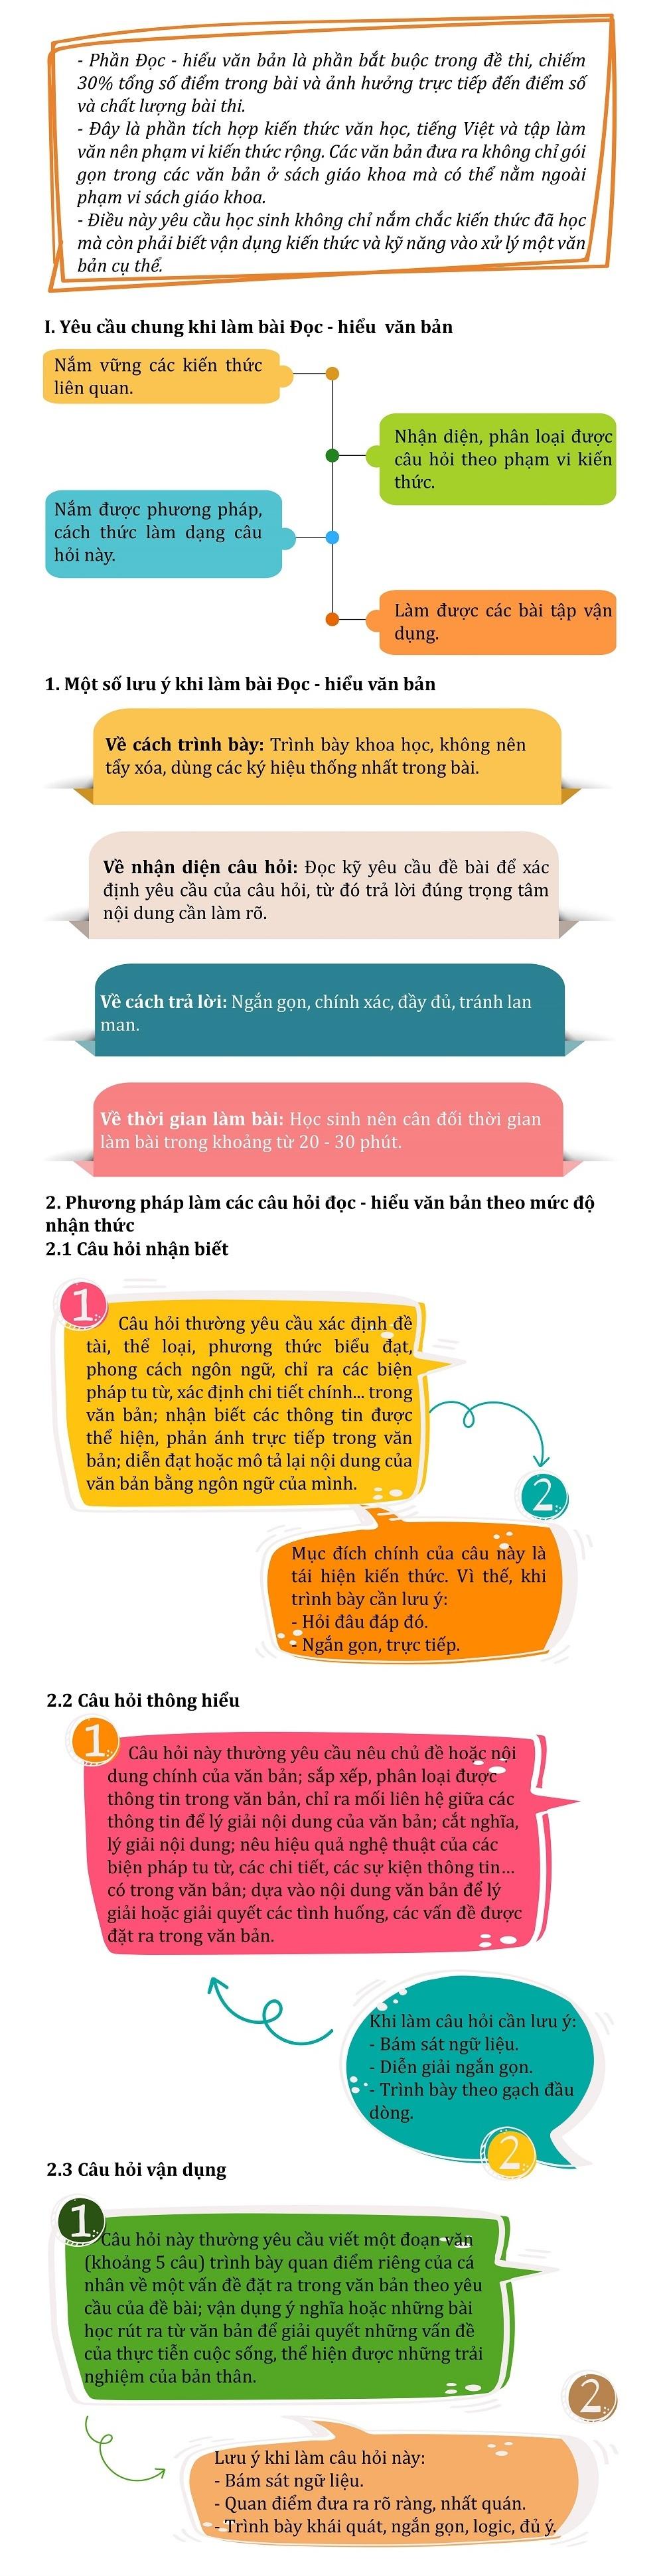 Hướng dẫn ghi điểm câu đọc - hiểu môn Ngữ văn trong kì thi vào lớp 10